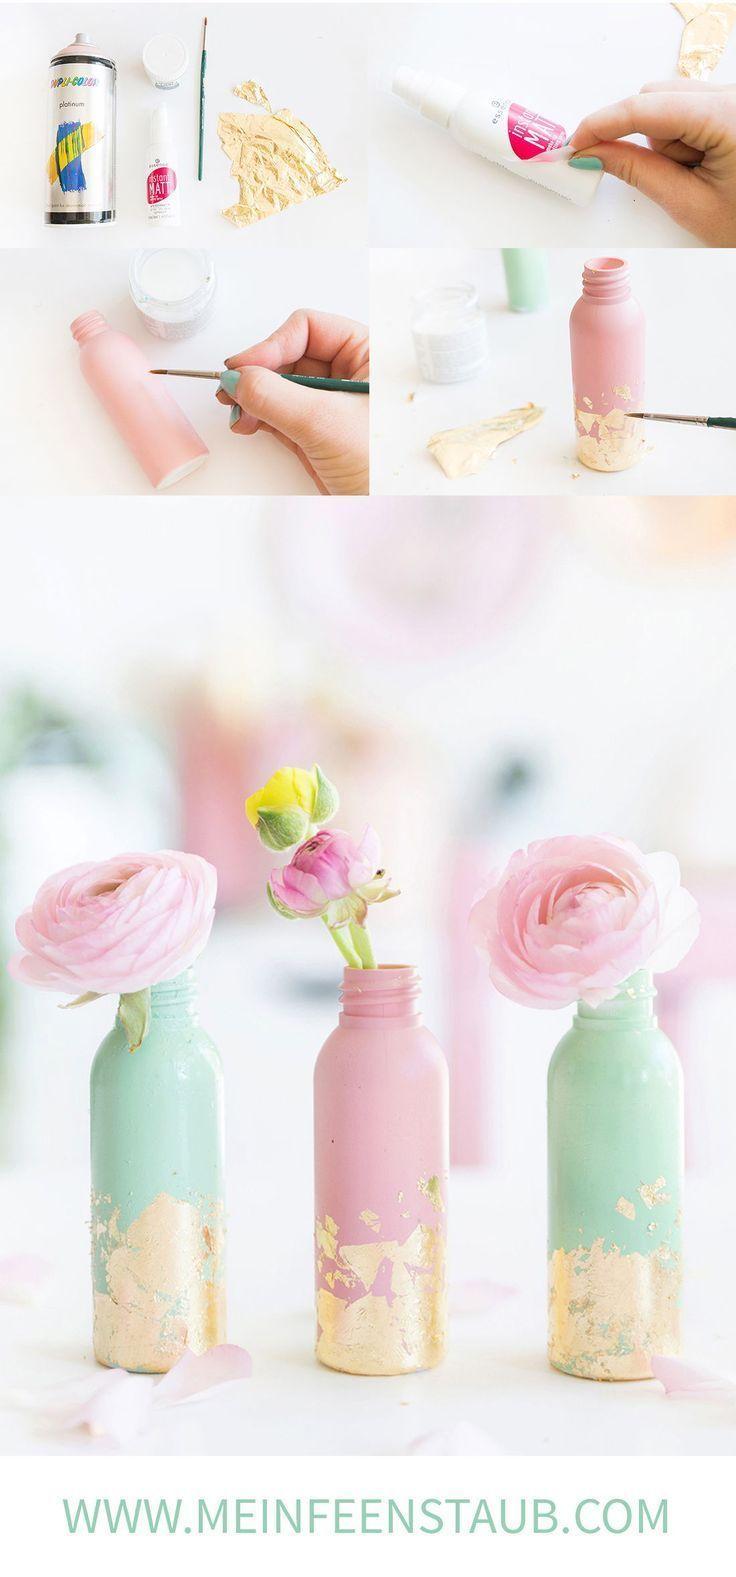 Kreative DIY-Idee zum Selbermachen: Upcycling DIY Mini-Vasen mit Blattgold aus leeren Kosmetikflaschen einfach selbstgemacht | Upcycling aus alten Flaschen | Vasen basteln mit Blattgold #selbstgemachtezimmerdeko